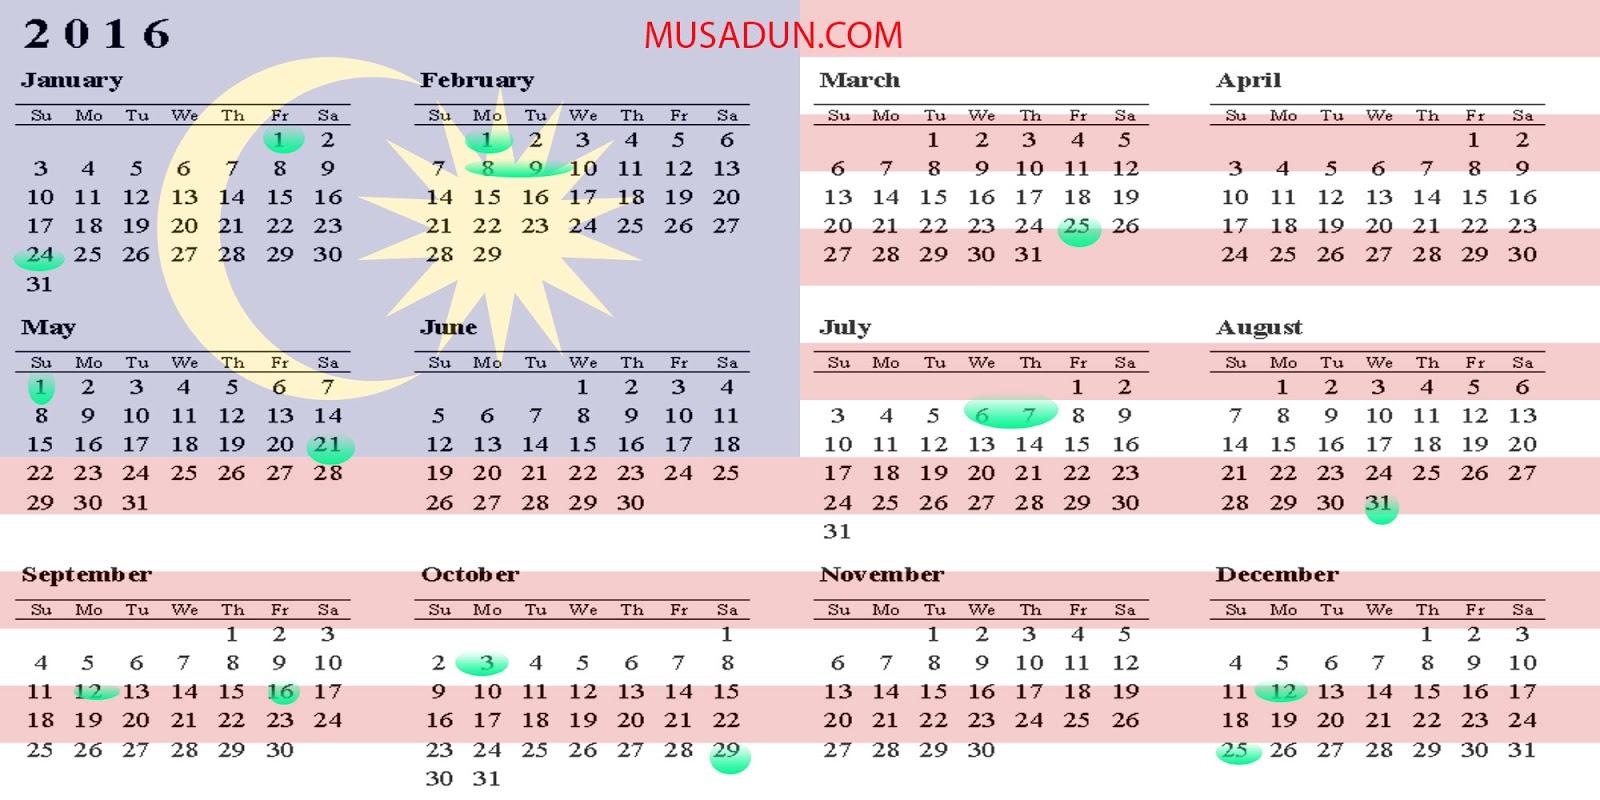 Kalendar Cuti 2016 Related Keywords & Suggestions - Kalendar Cuti 2016 ...